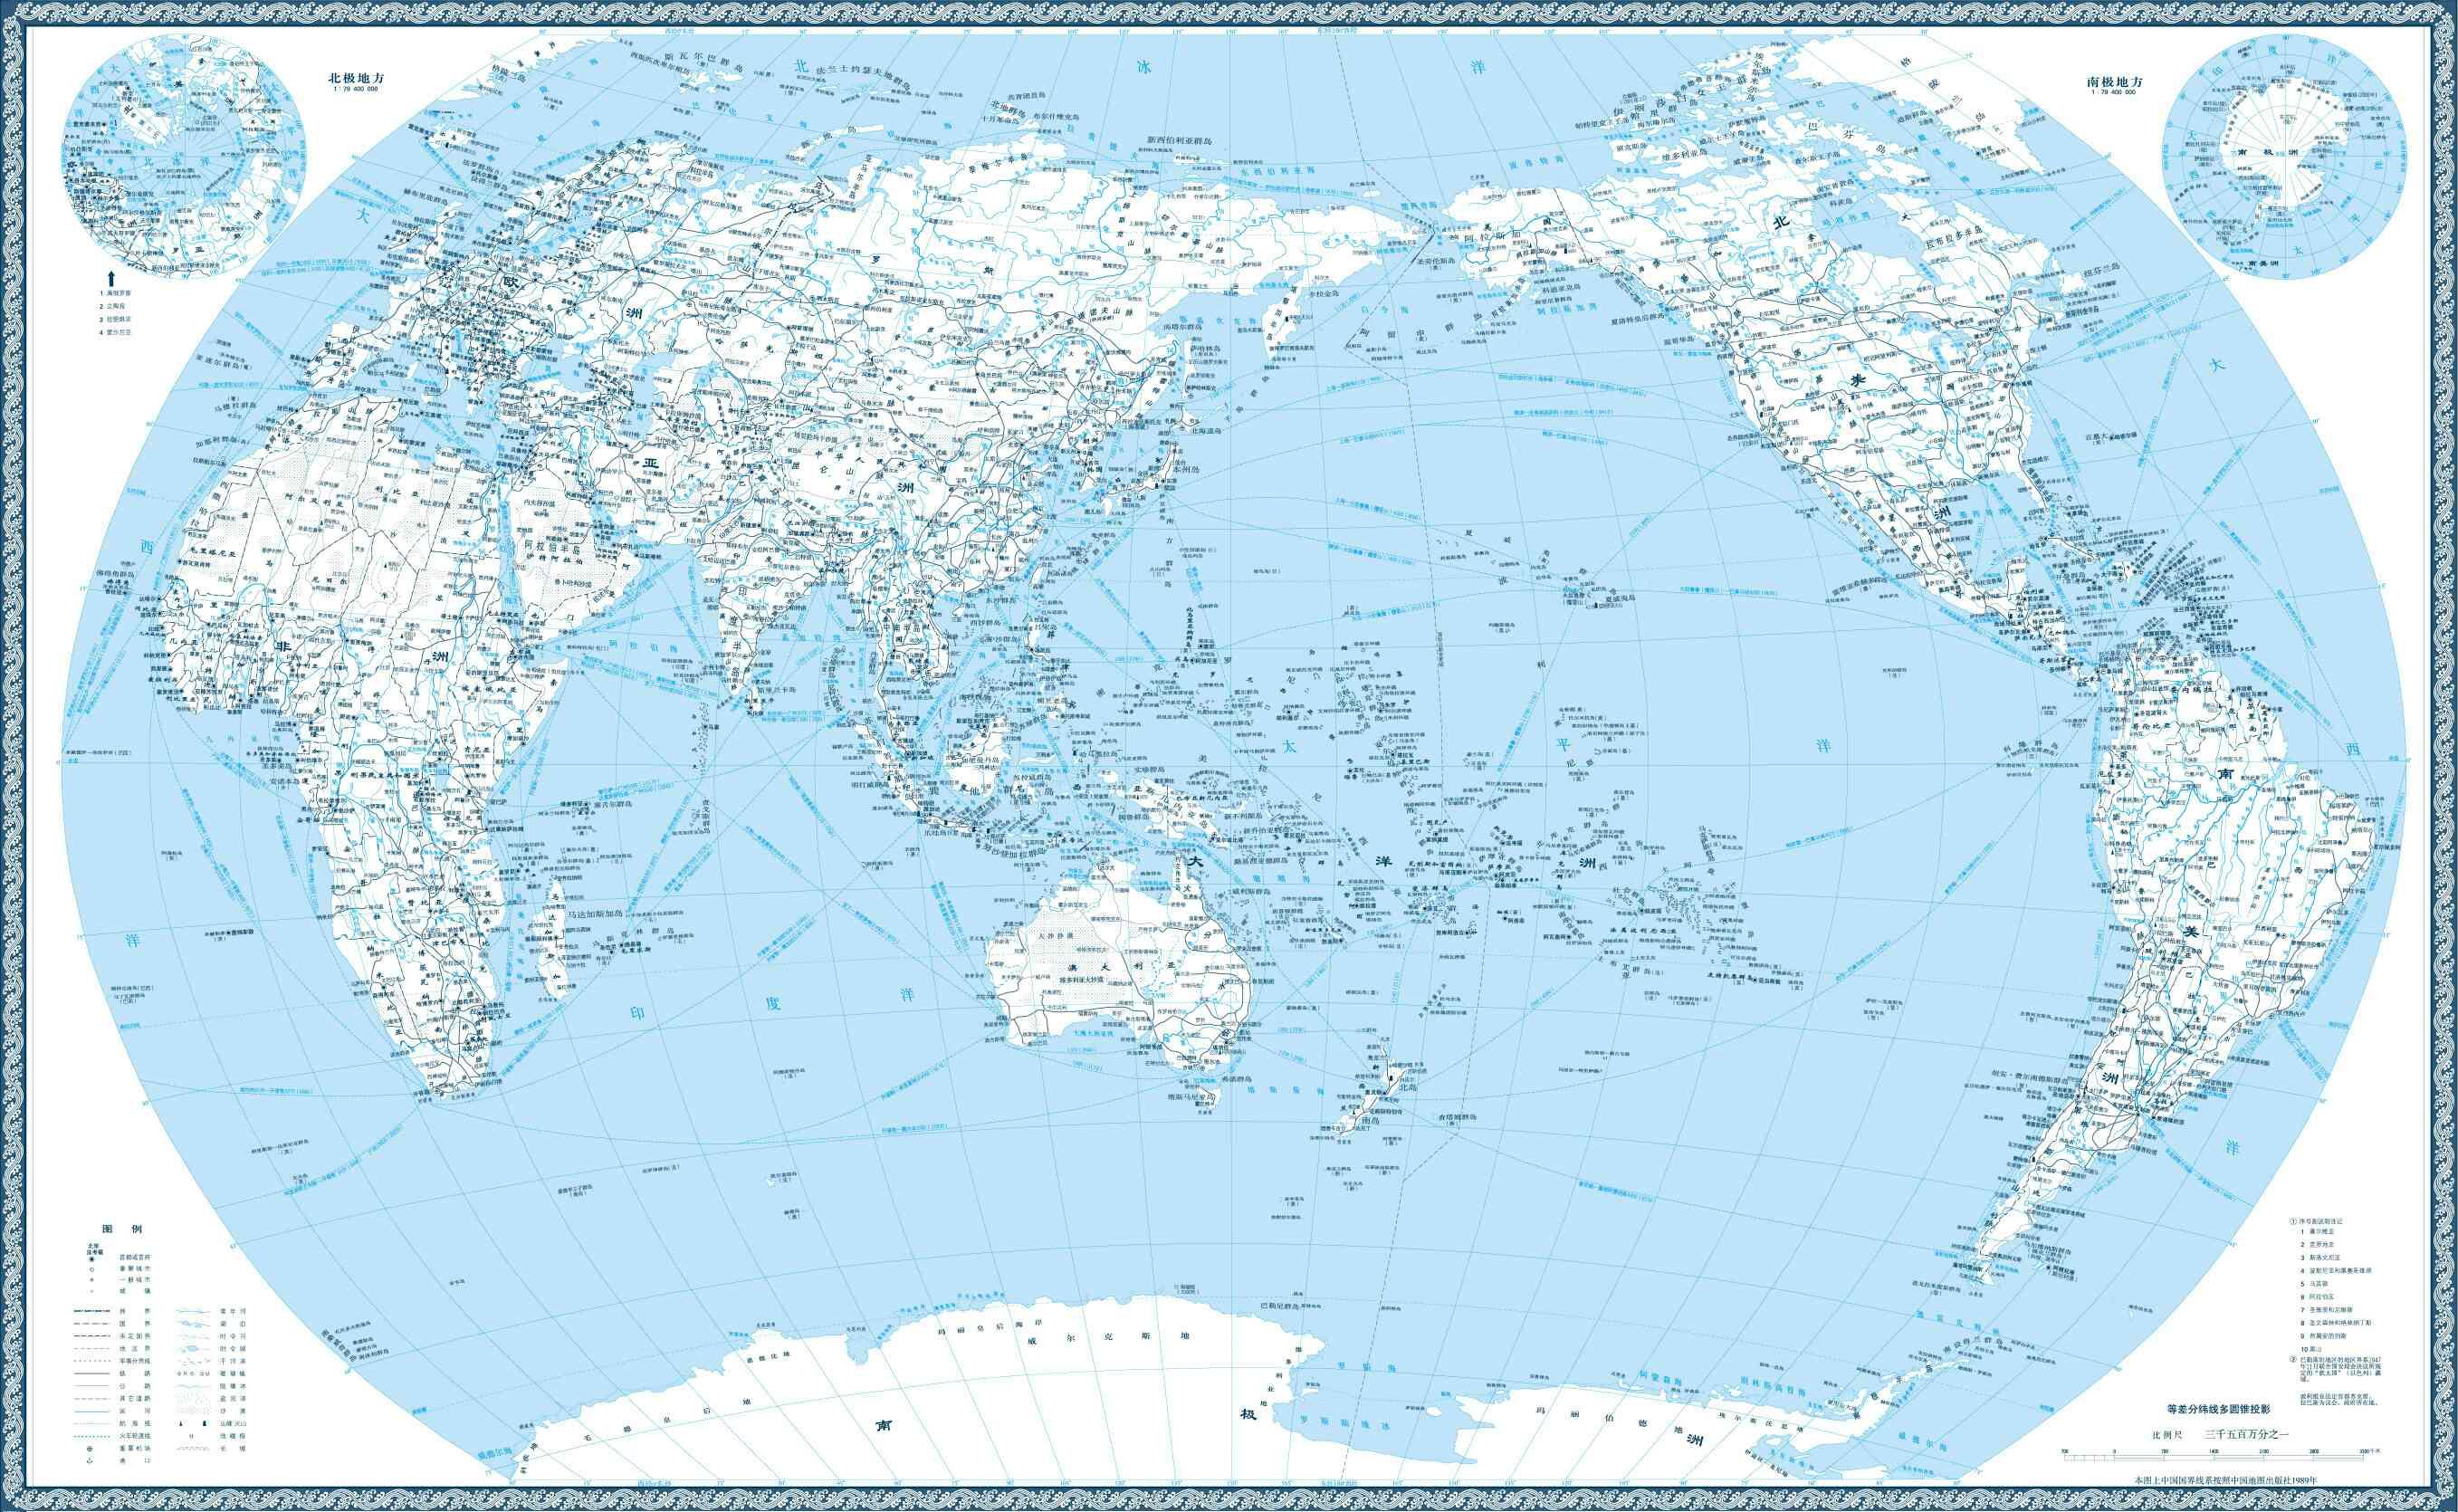 世界地图高清版